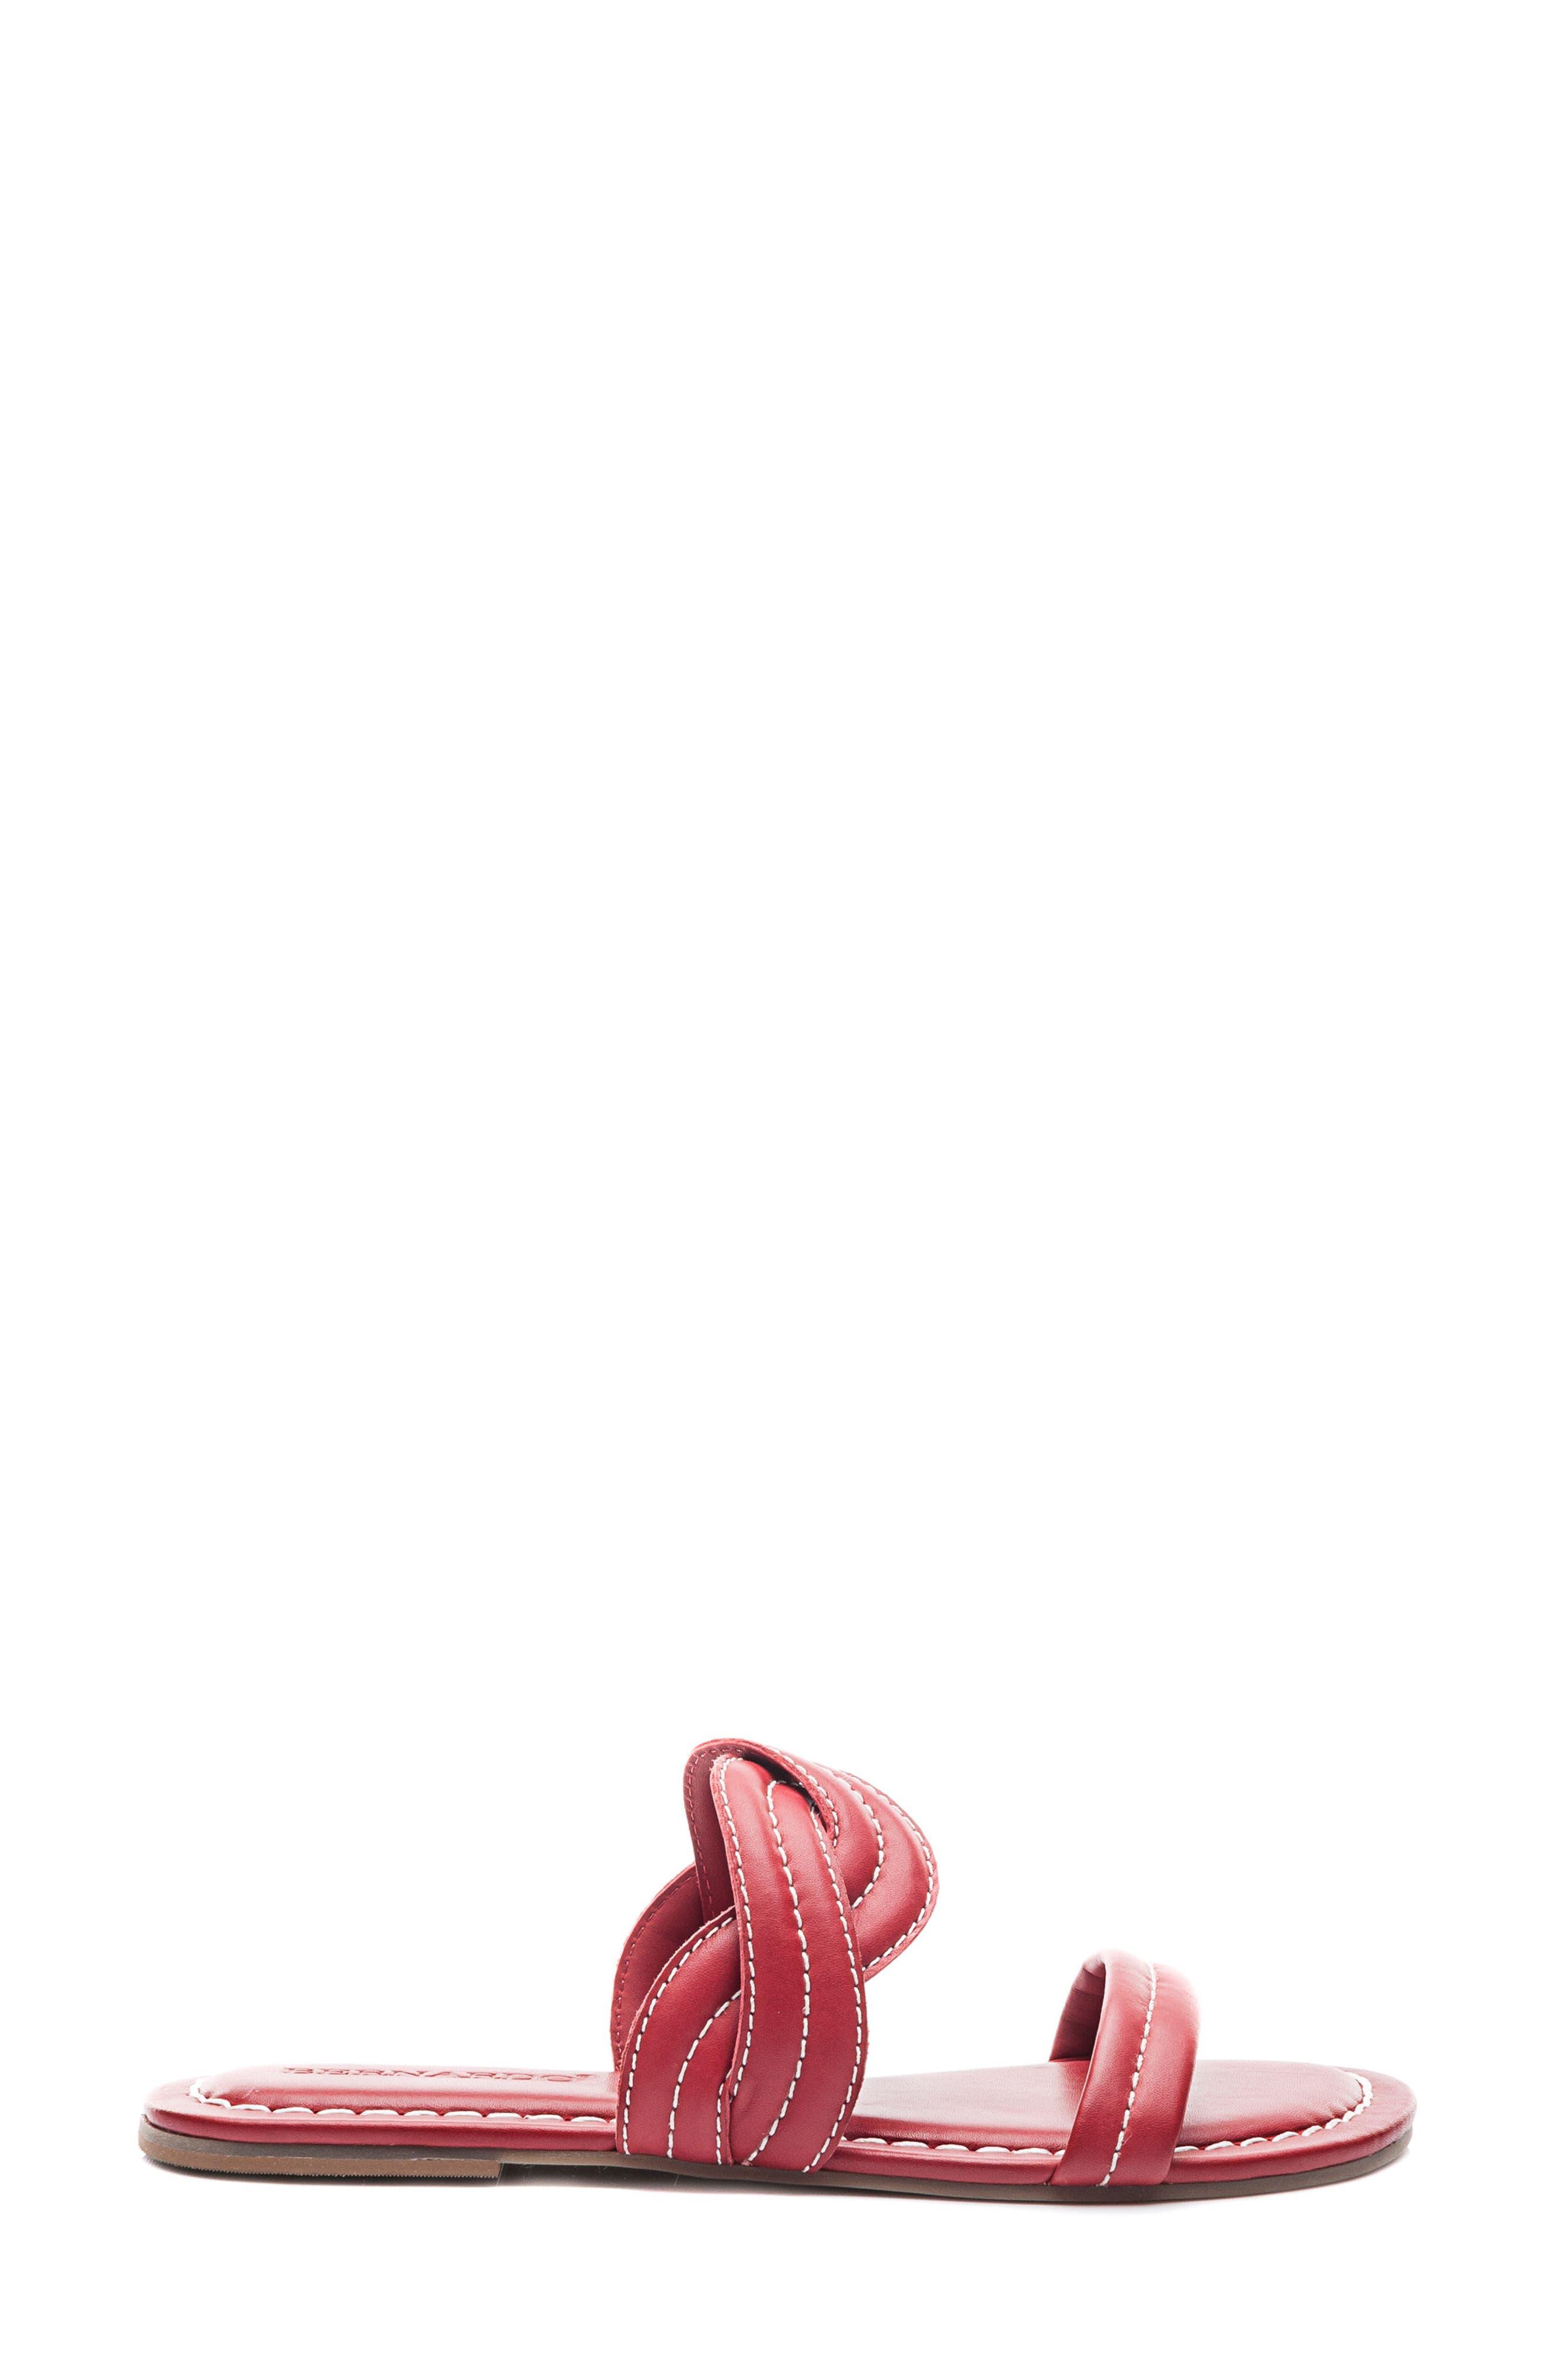 Bernardo Mirian Slide Sandal,                             Alternate thumbnail 3, color,                             Red Leather